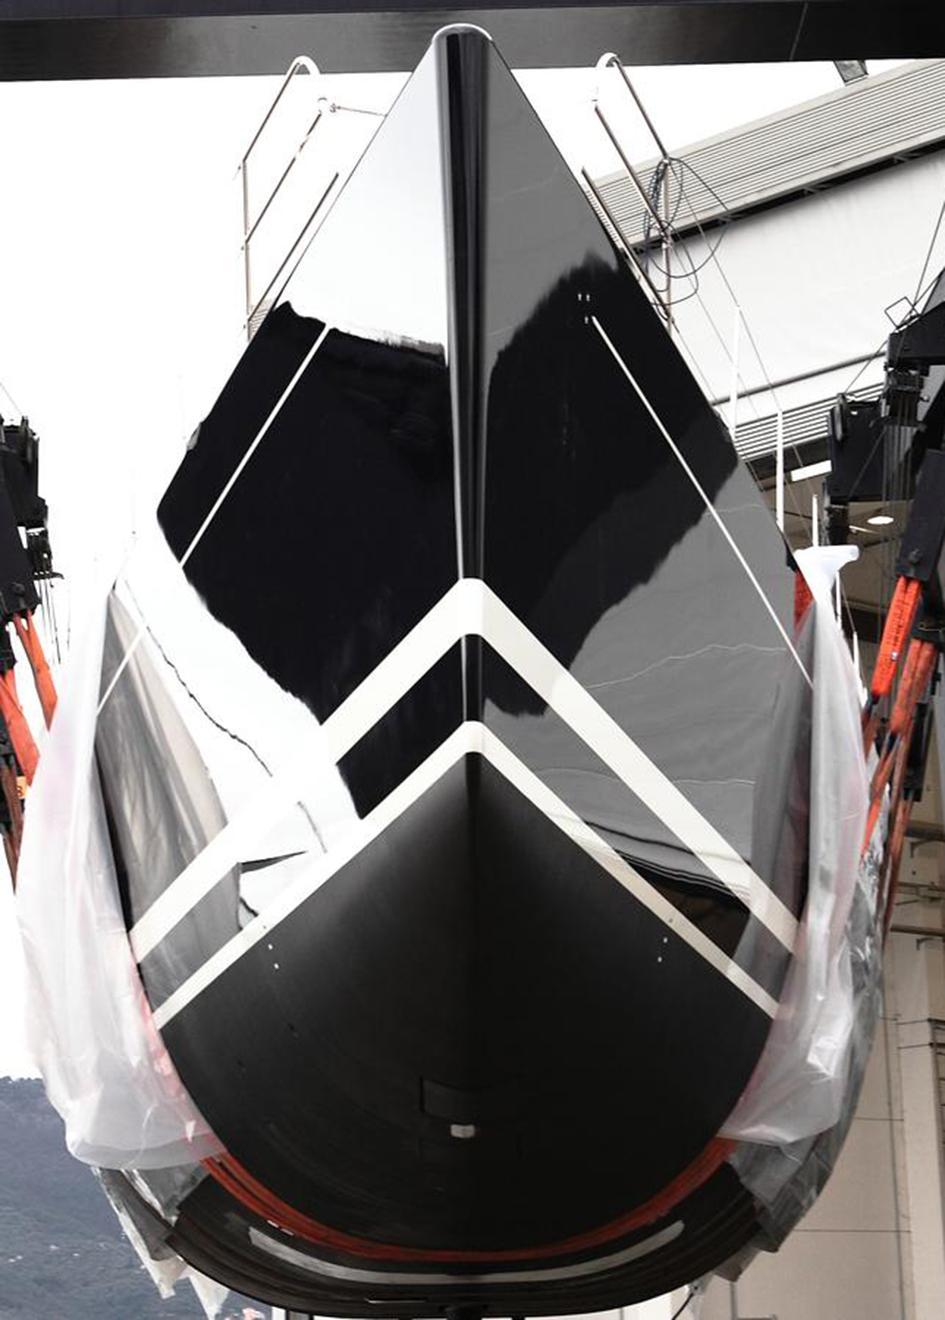 38-metre-Perini-Navi-sailing-super-yacht-sloop-Dahlak